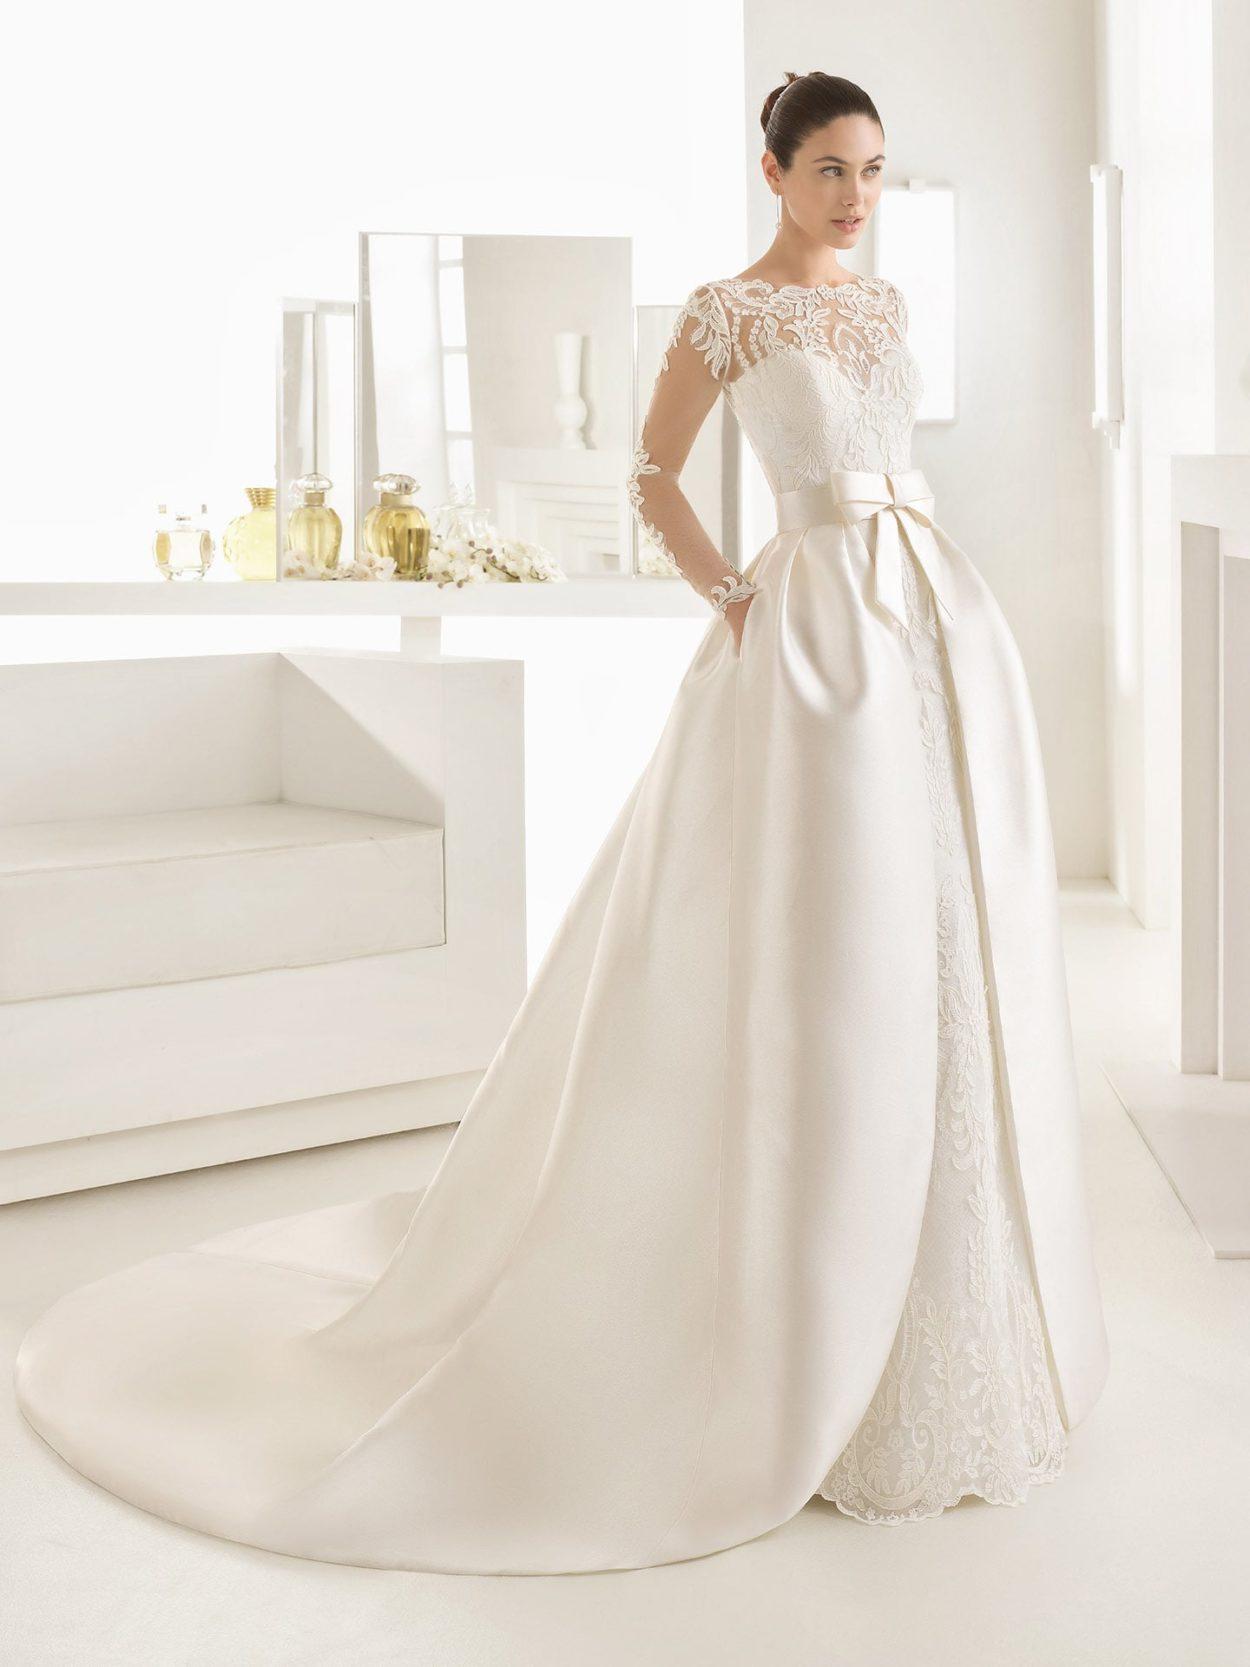 42a54ba0e4d4186 Свадебное платье-трансформер с атласной верхней юбкой и кружевным декором  по всей длине.